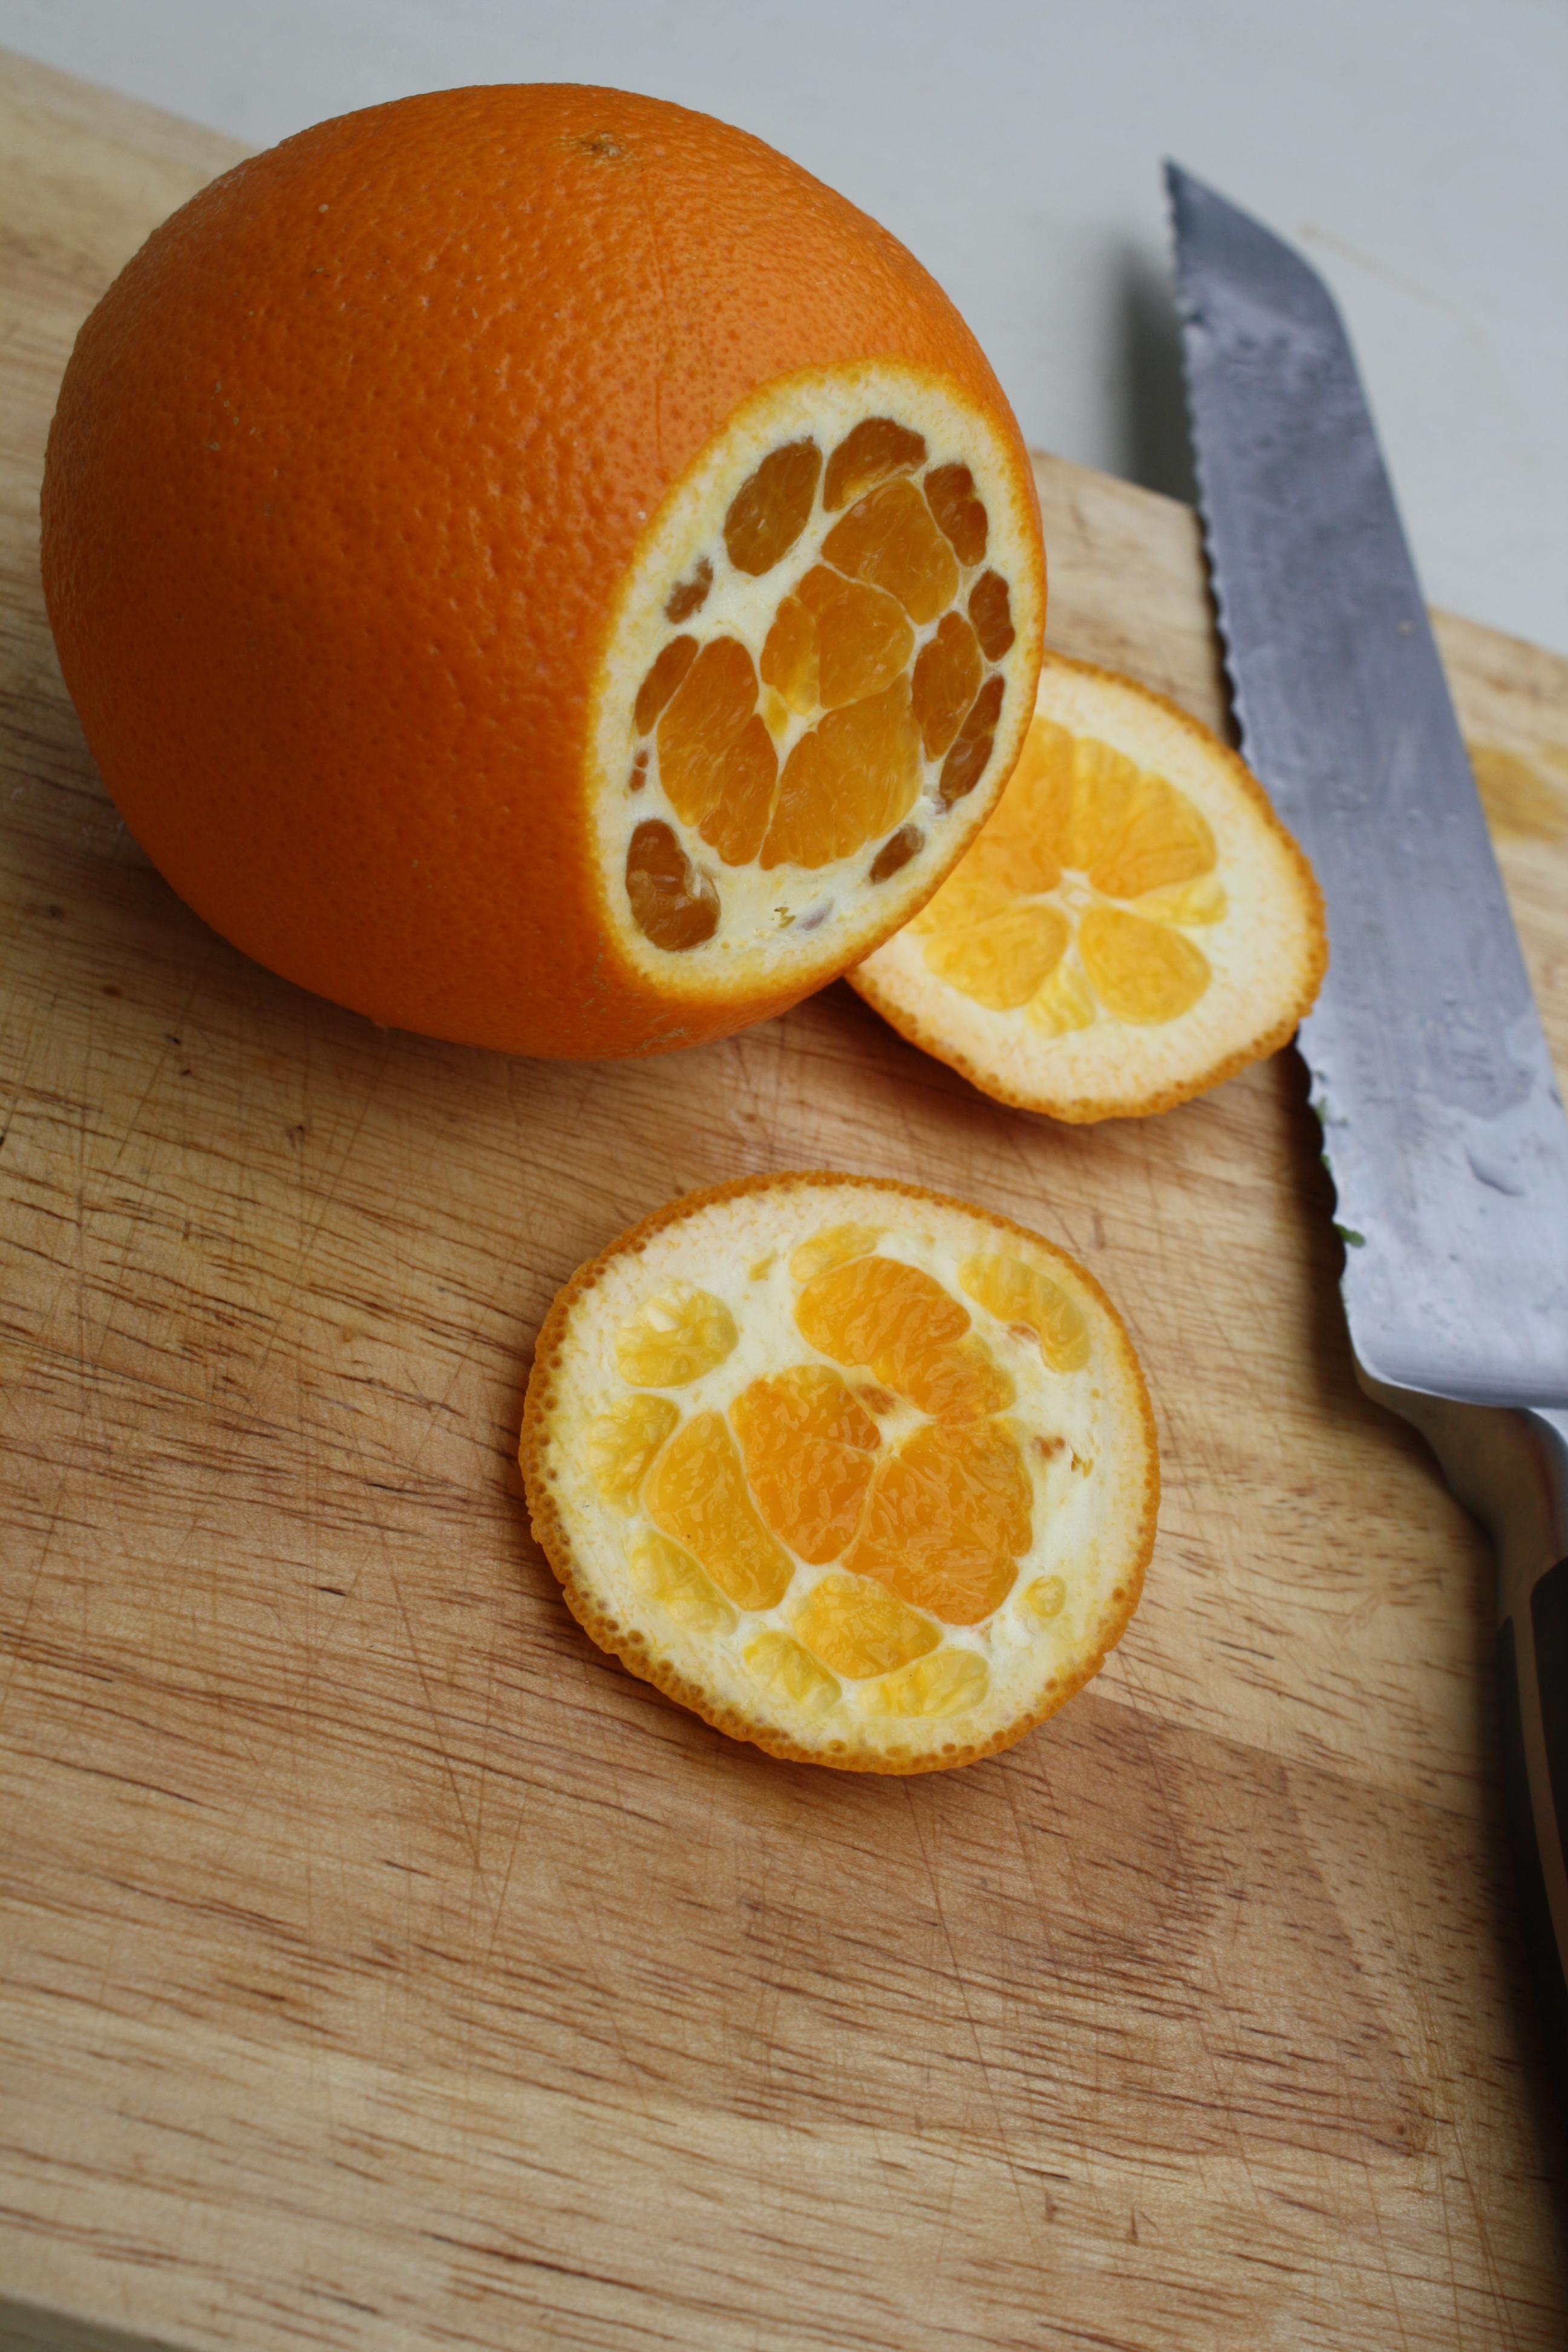 Citrus Segmenting 1-1